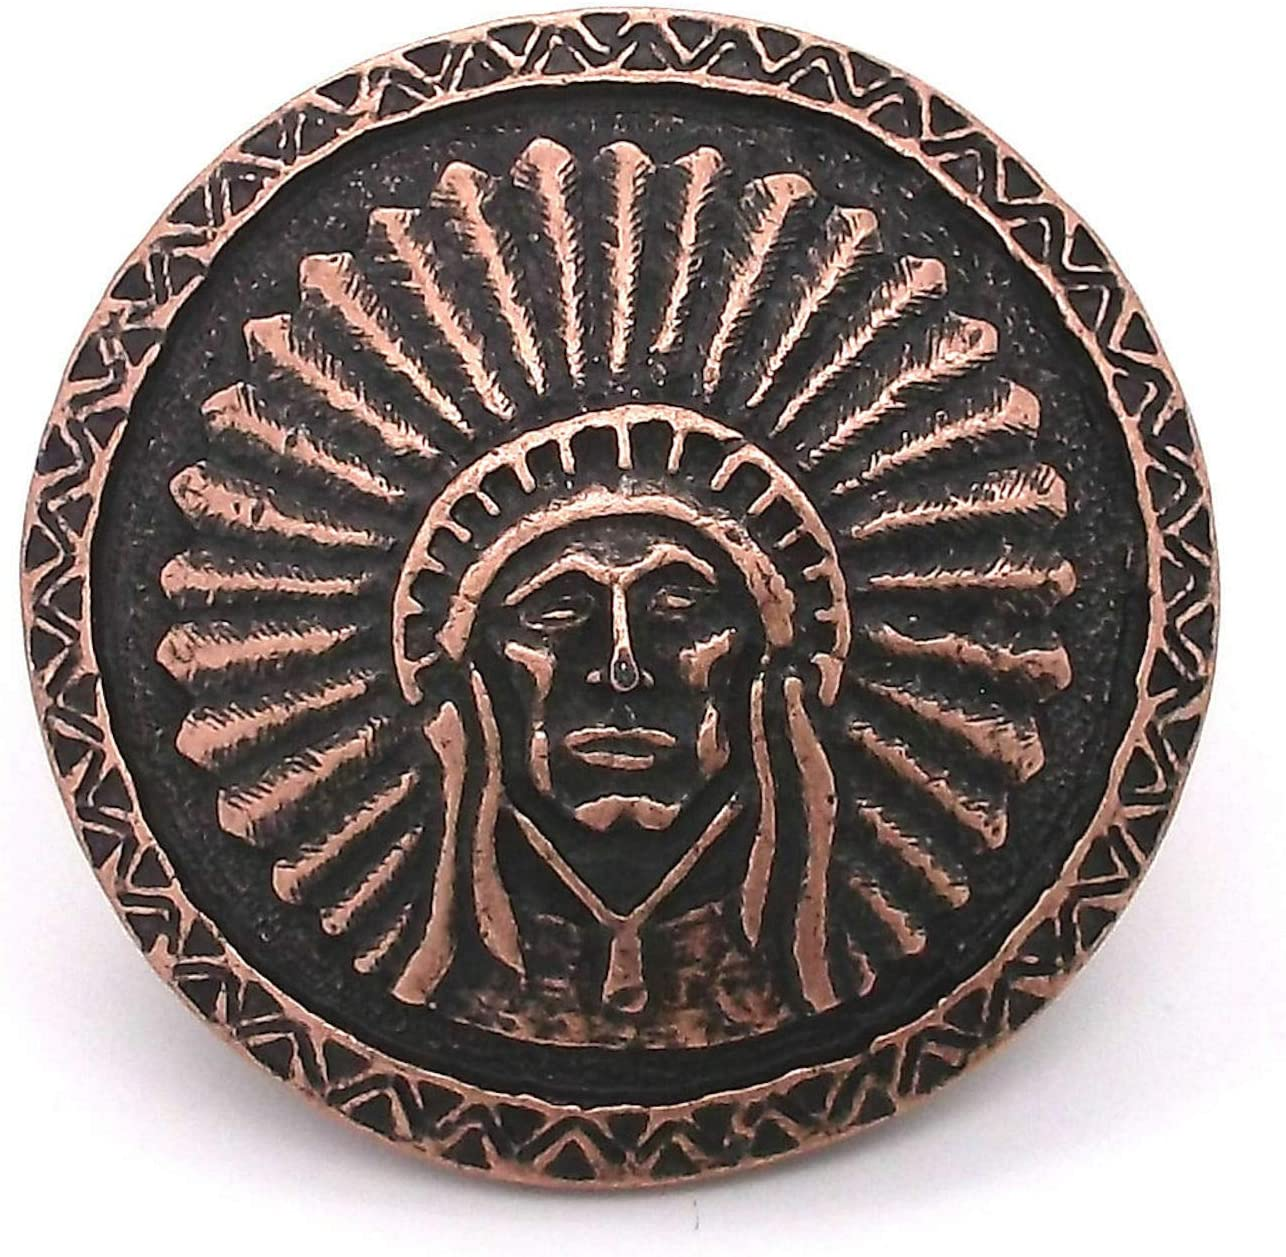 Conchos Leathercraft Accessories Southwest Chief Store Antique Copper Trust